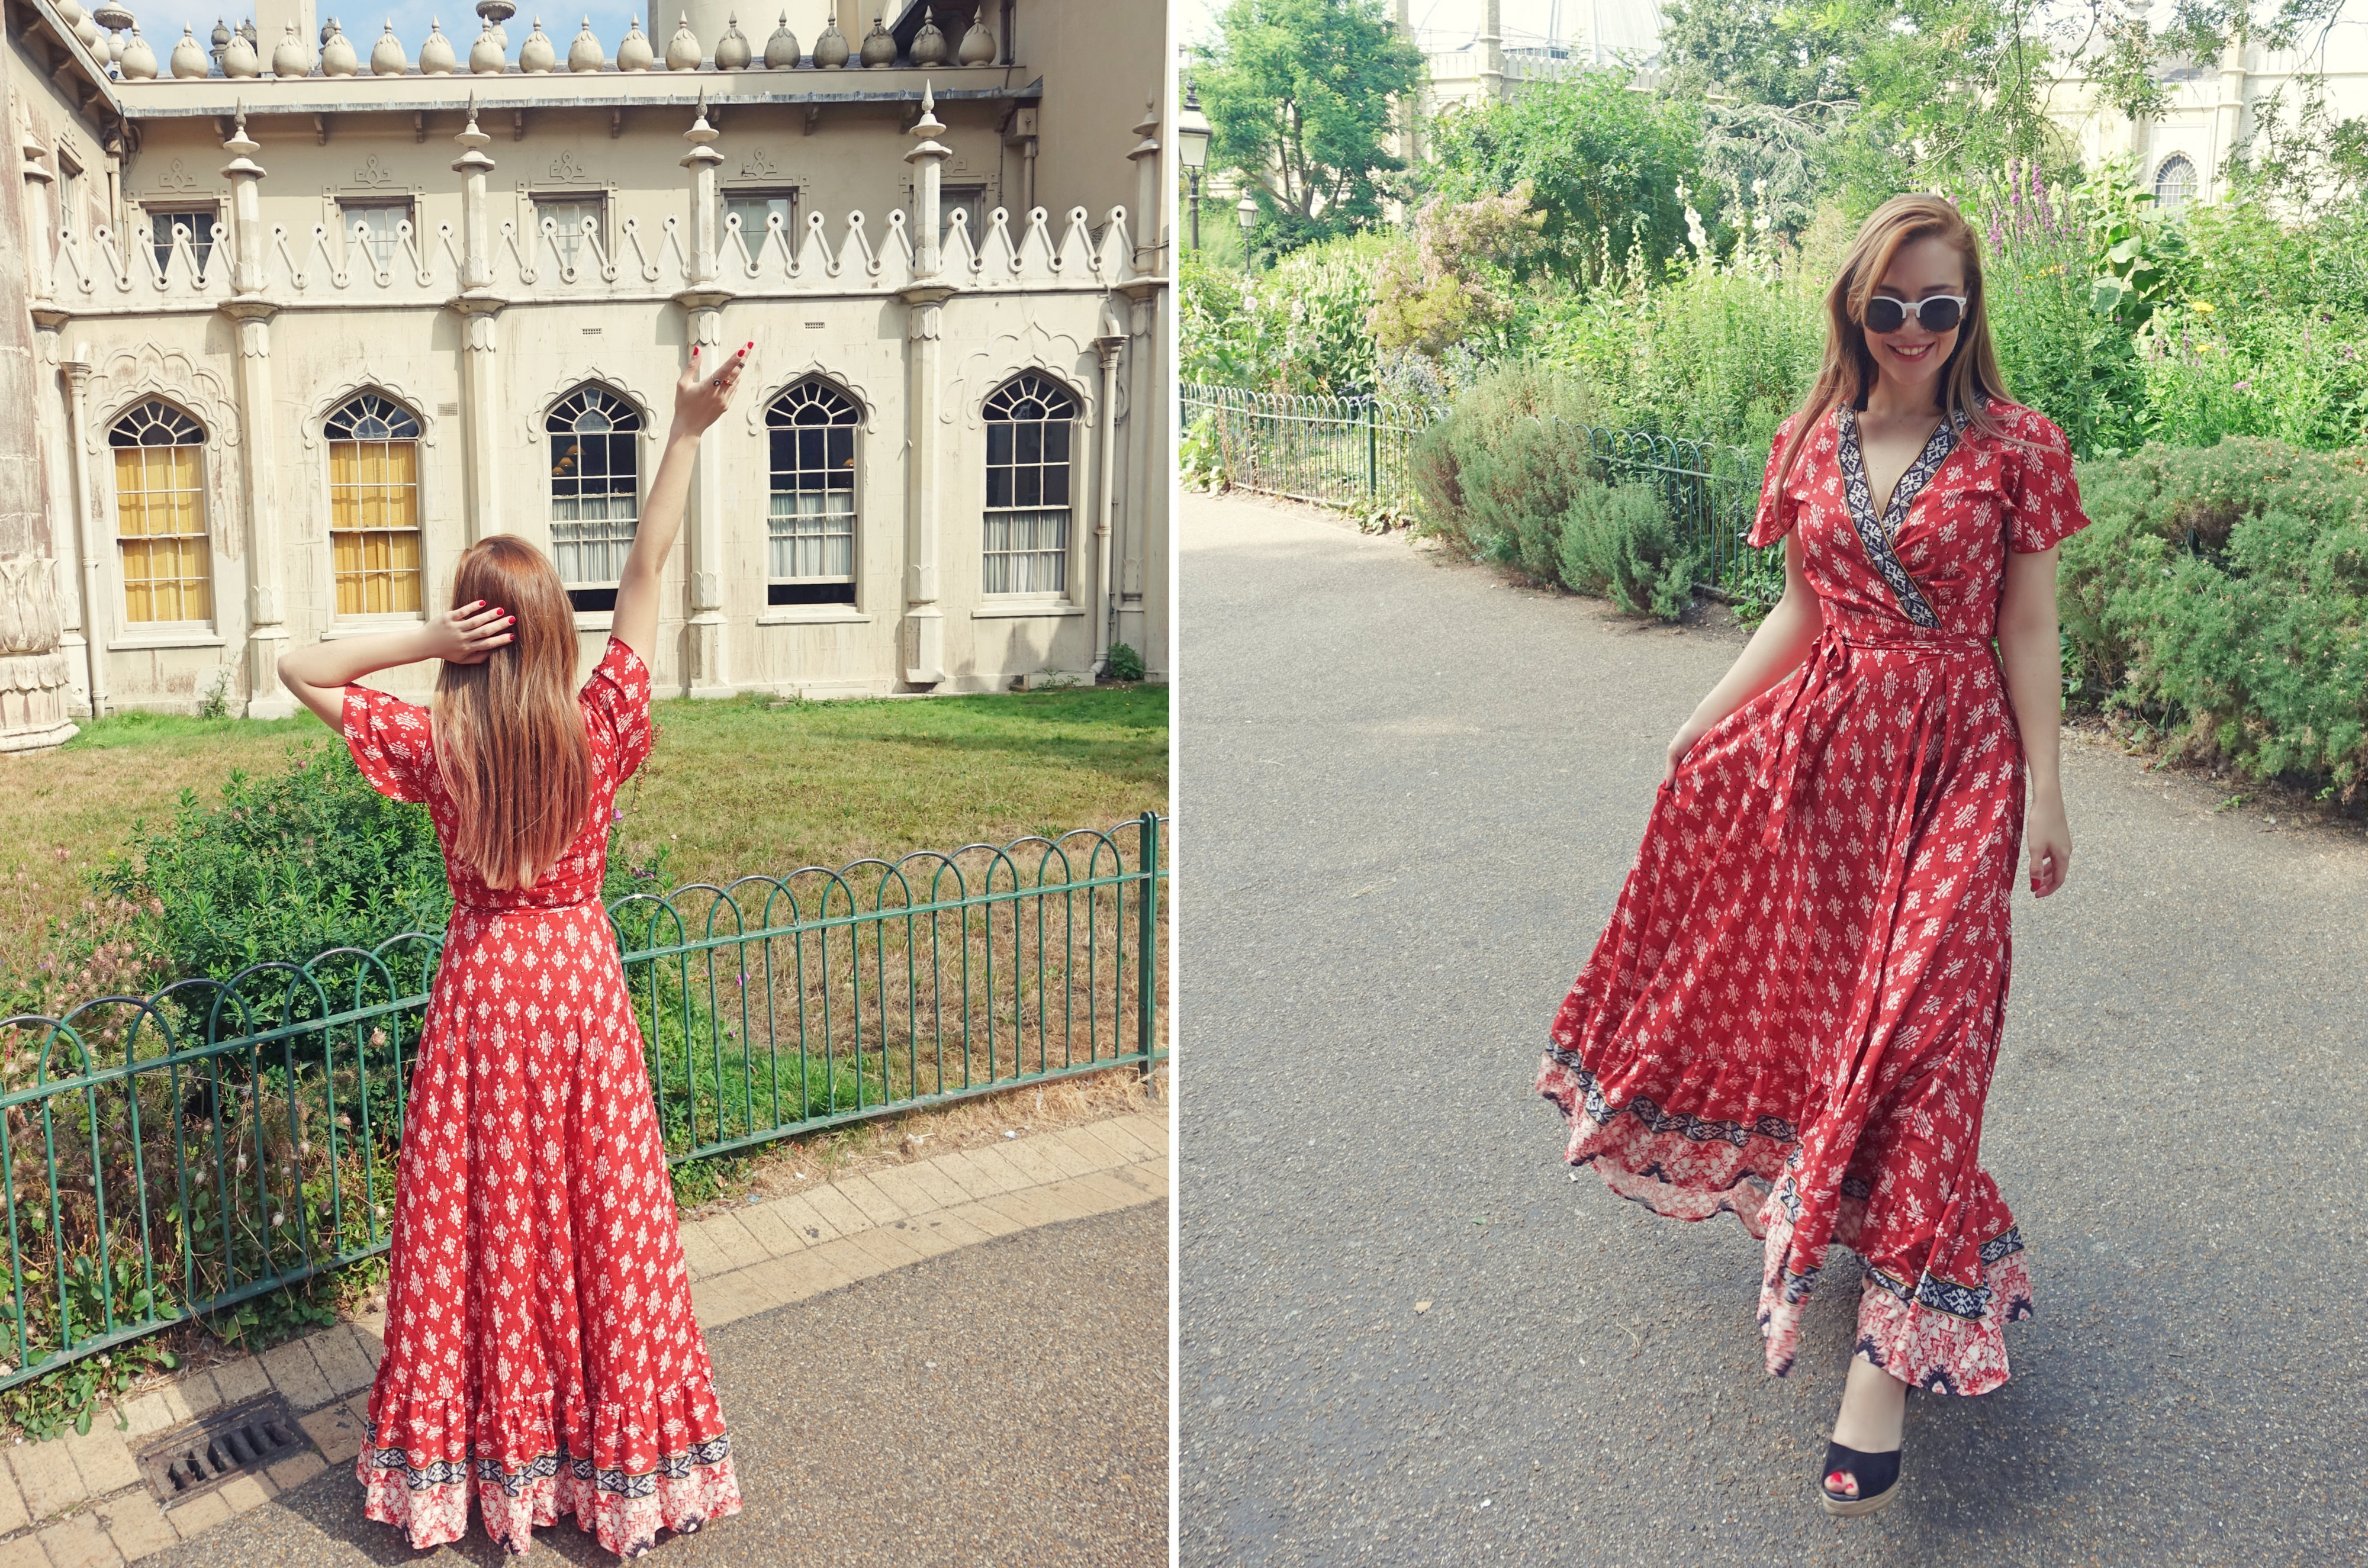 floryday-ChicAdicta-blog-de-moda-Chic-adicta-vestidos-largos-verano-PiensaenChic-looks-de-verano-Piensa-en-Chic-influencer